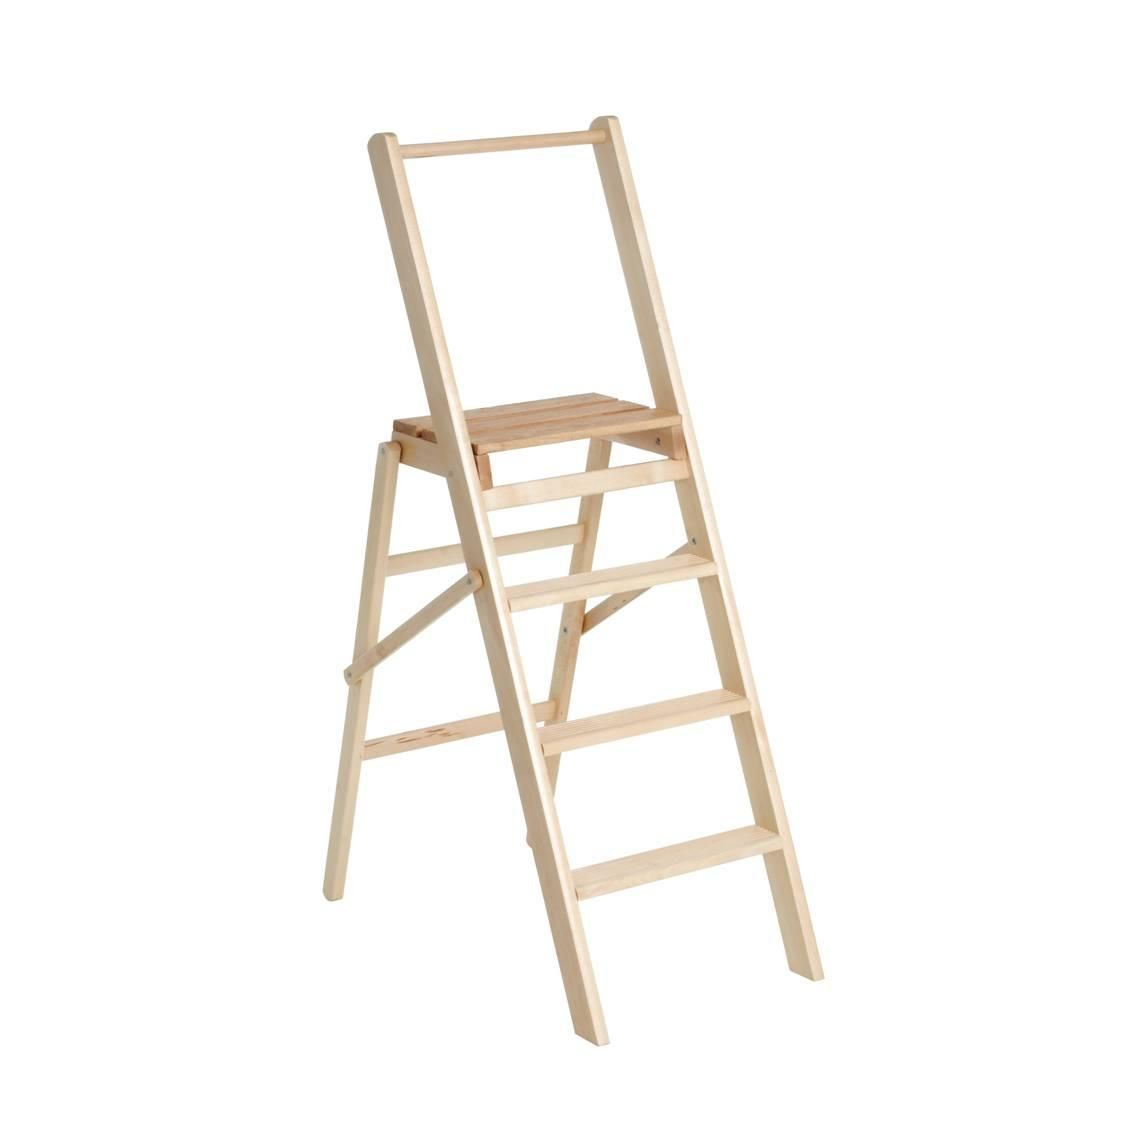 Wooden Step Ladder from Summerill u0026 Bishop.  sc 1 st  Pinterest & Wooden Step Ladder from Summerill u0026 Bishop. | Downton Abbey ... islam-shia.org